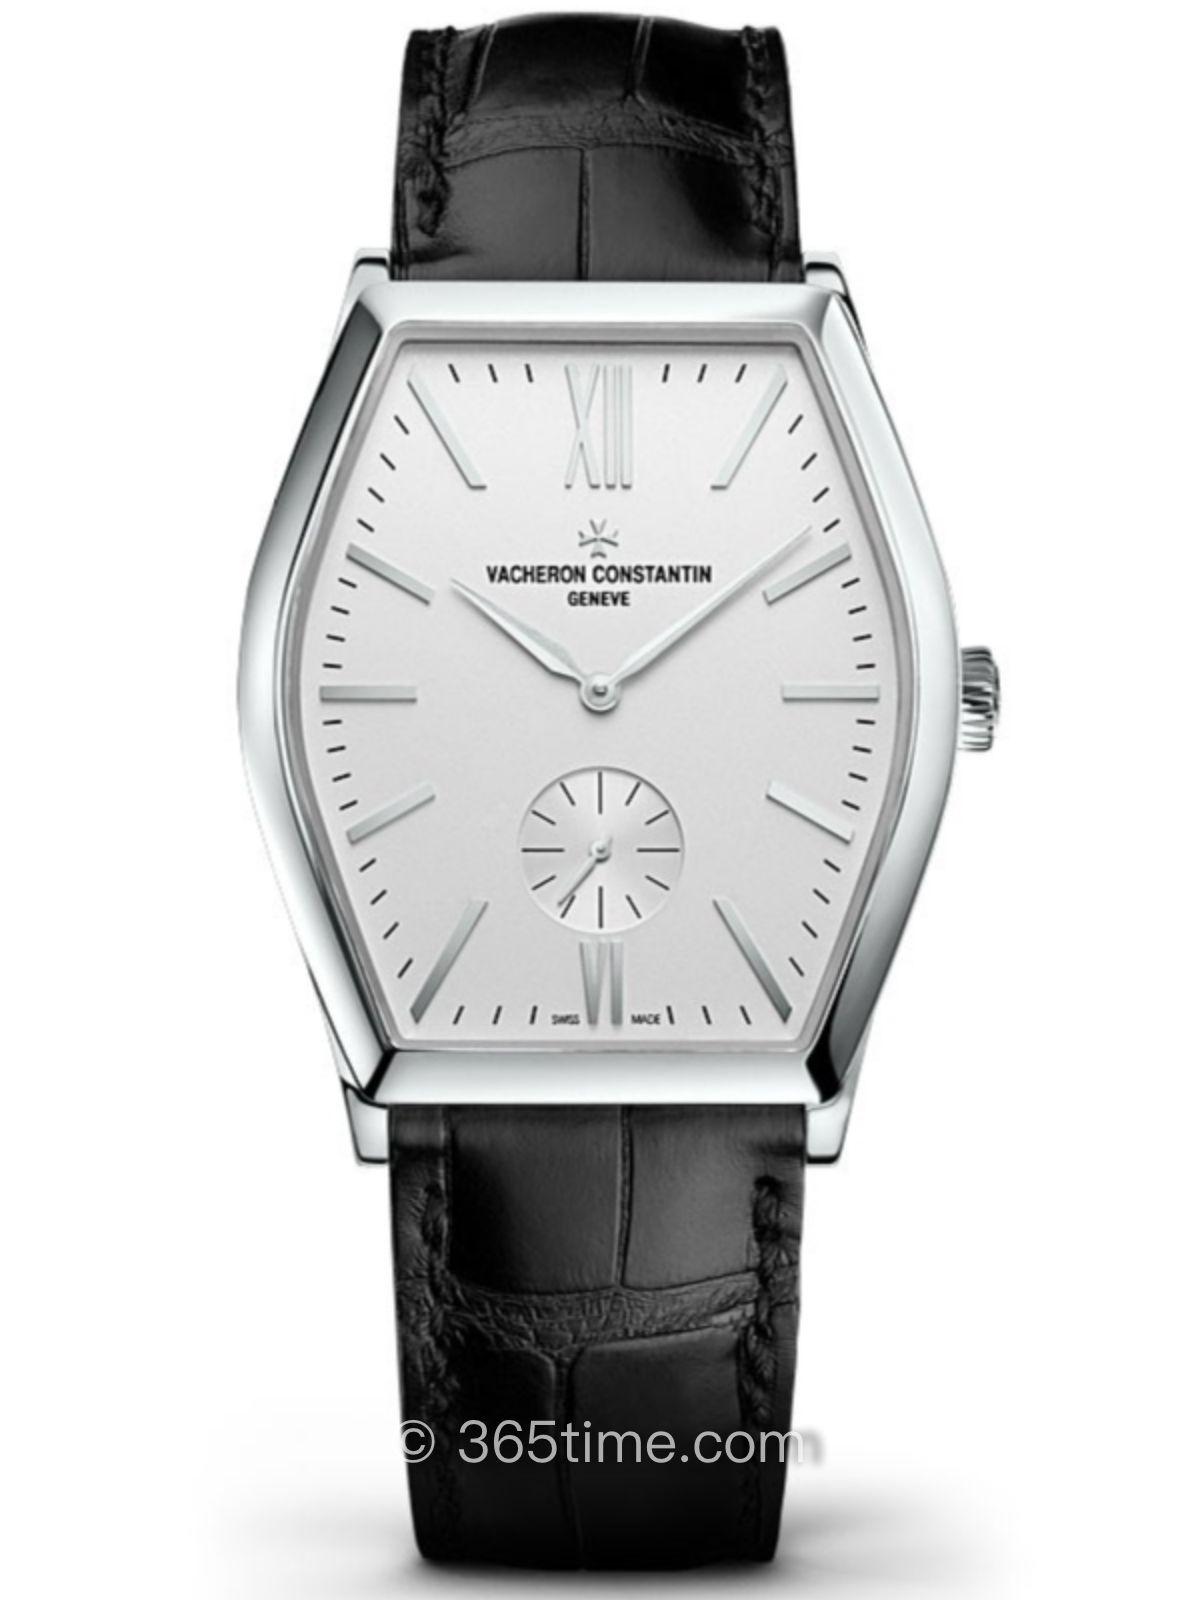 江诗丹顿马耳他系列82230/000G-9962腕表